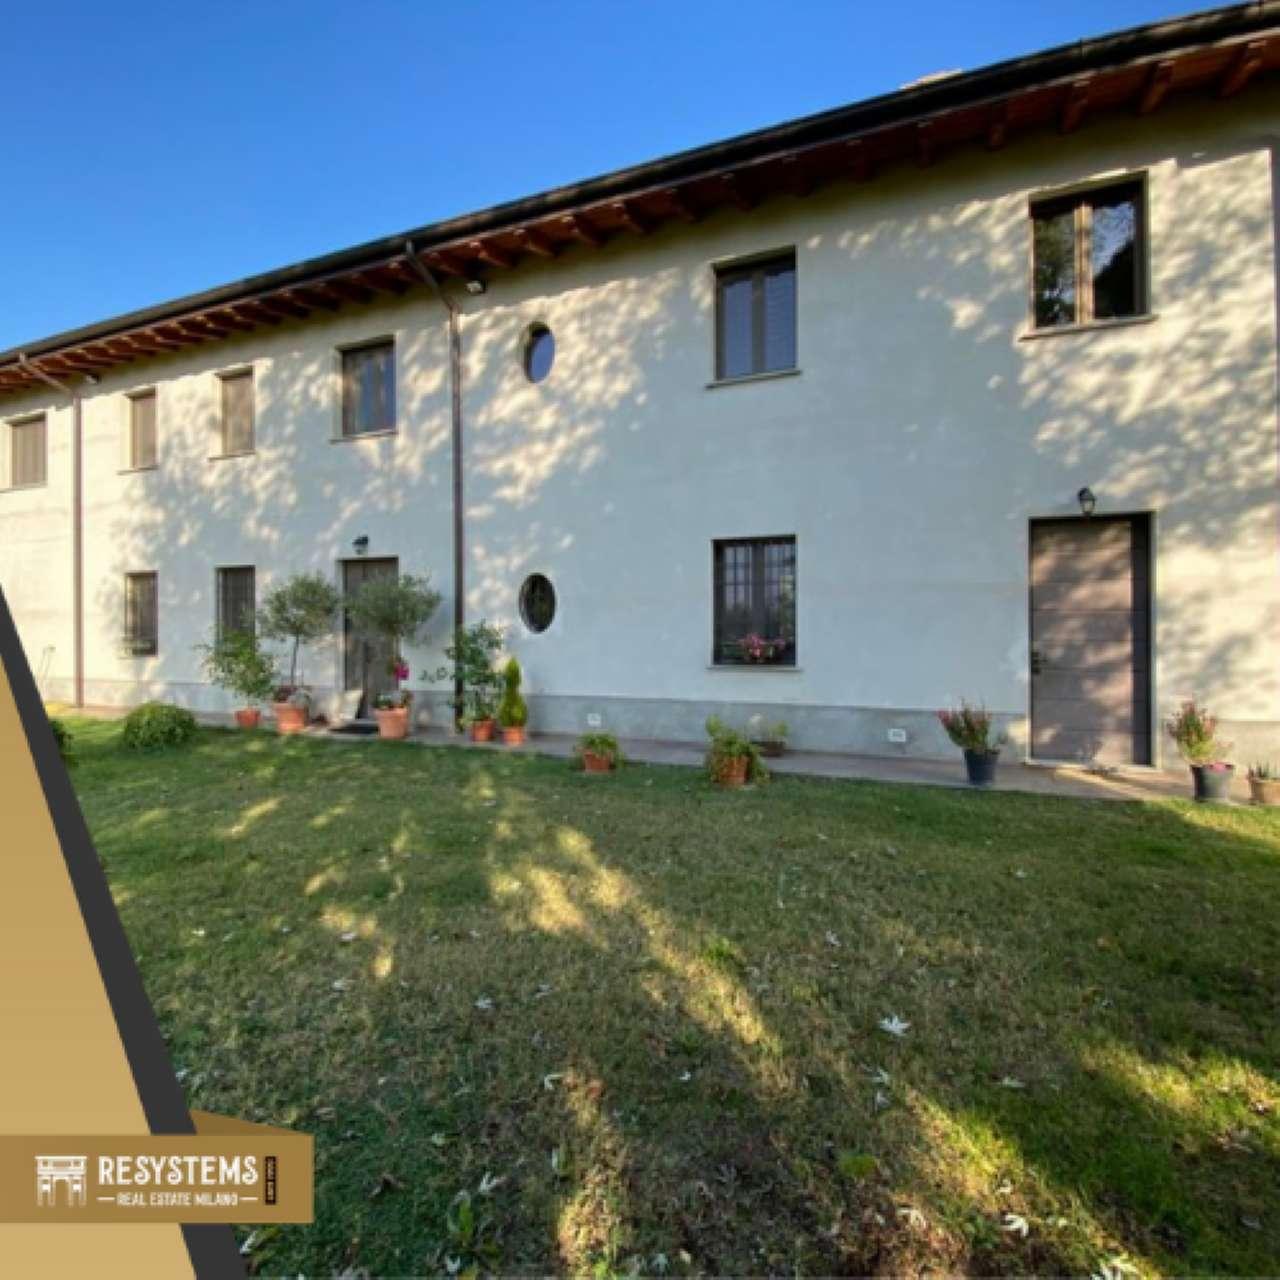 Rustico / Casale in vendita a Inverno e Monteleone, 7 locali, prezzo € 1.100.000 | PortaleAgenzieImmobiliari.it